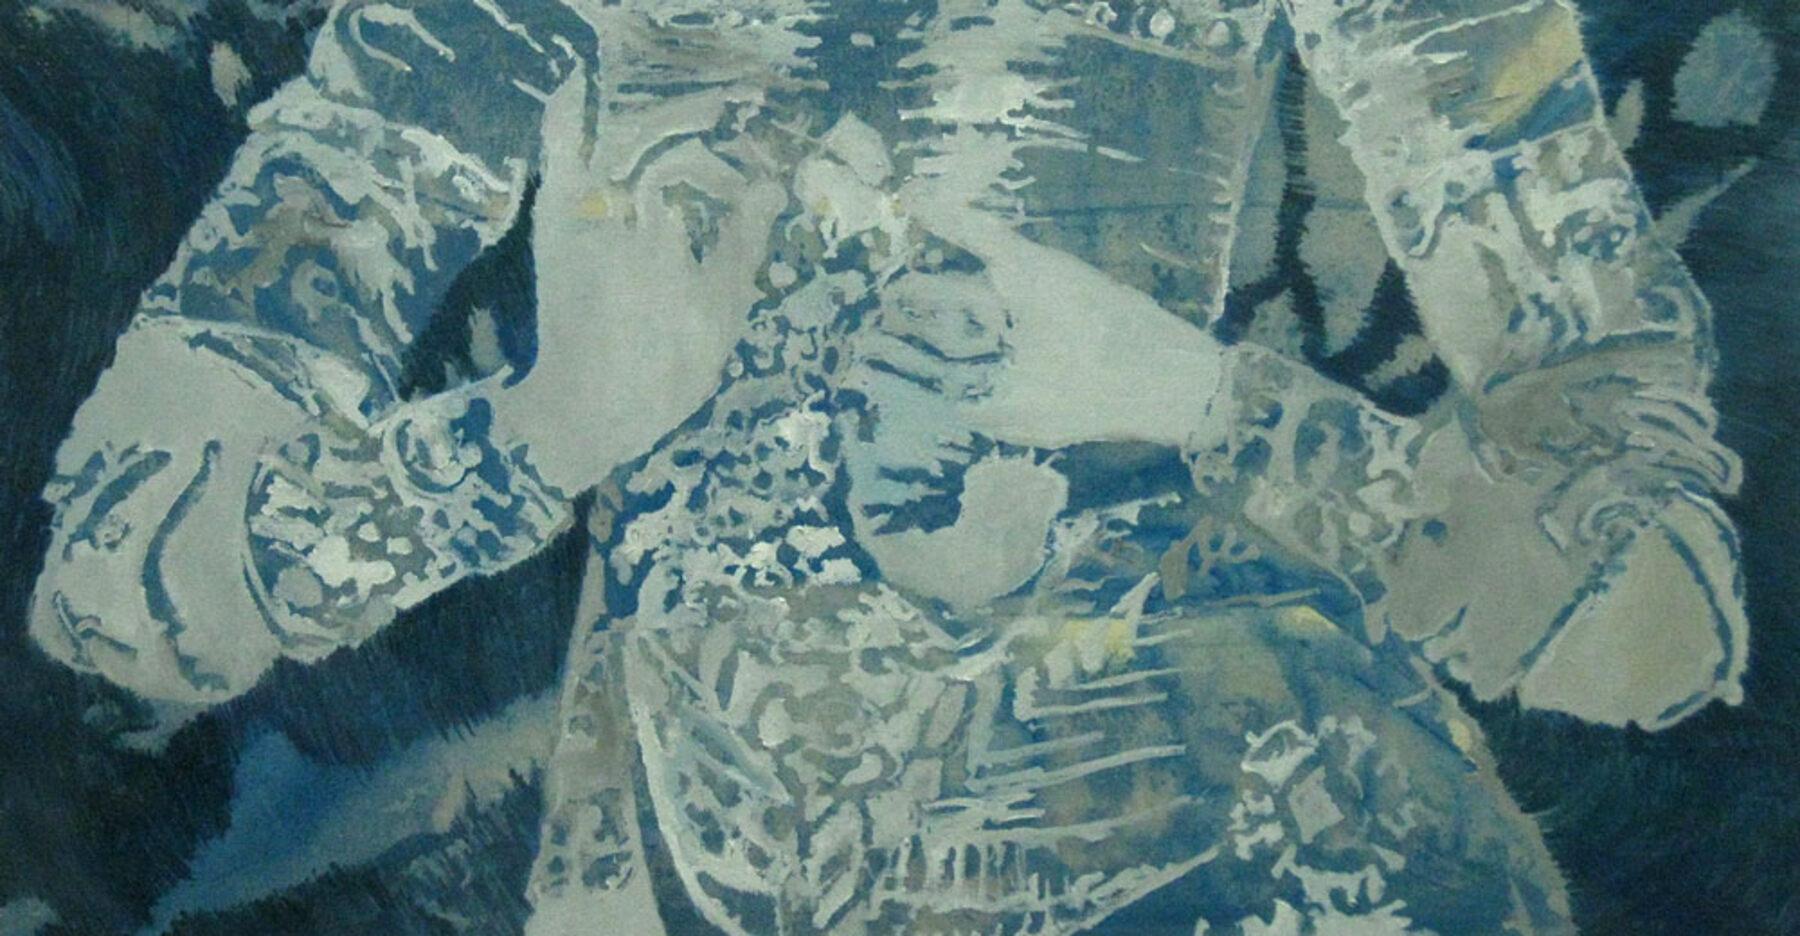 Peter de Graaff, 'Middle' 2 , olieverf / doek 70 x 130 cm.